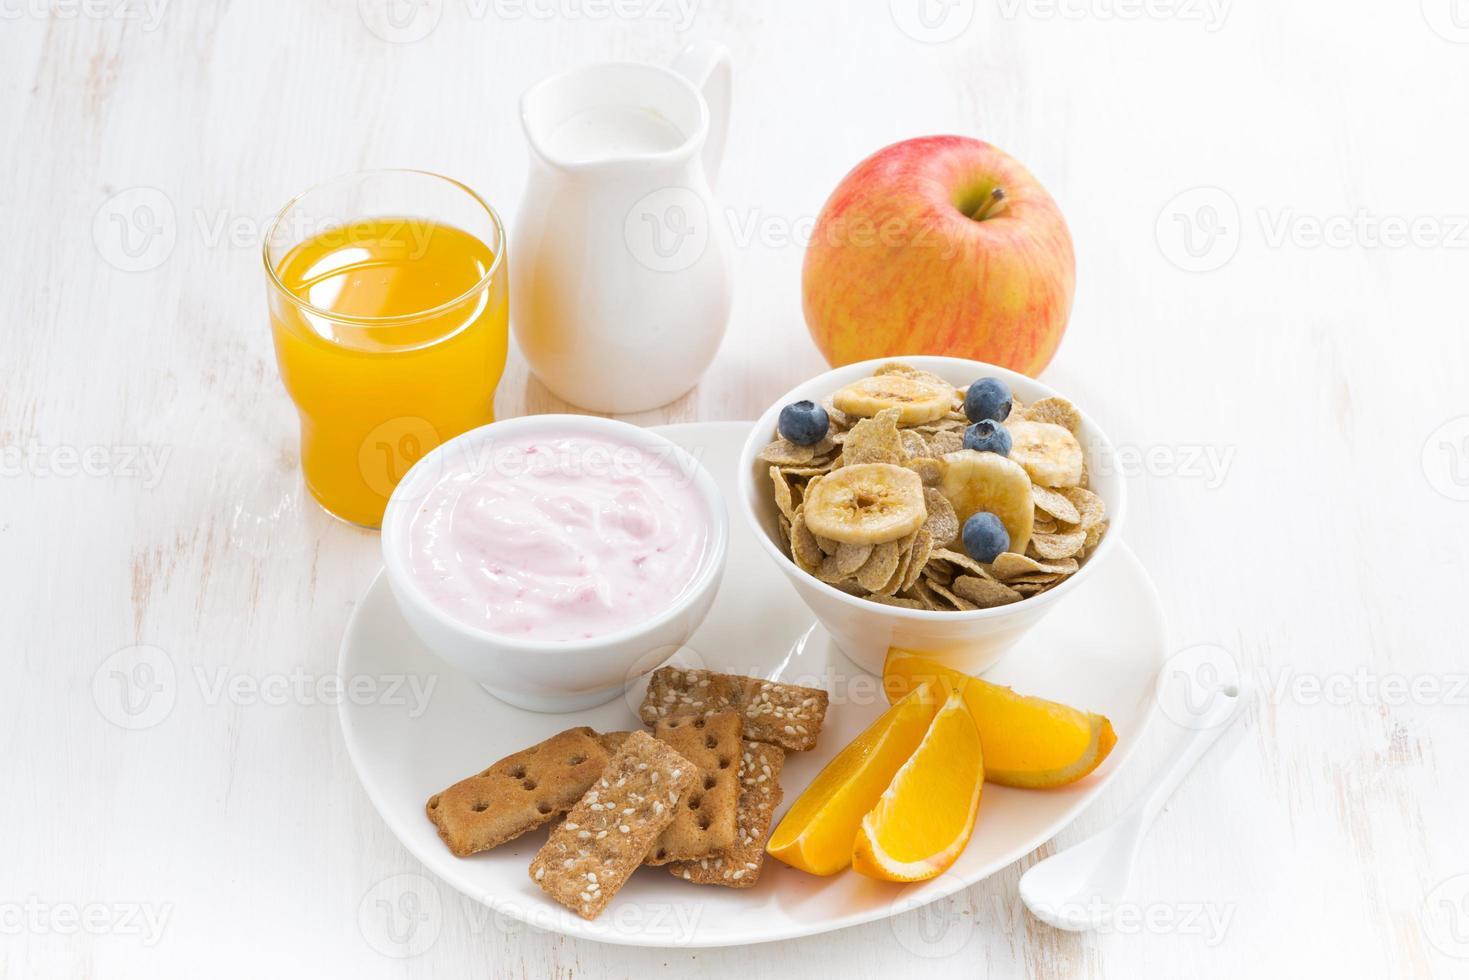 gezond ontbijt - ontbijtgranen, fruit, yoghurt en sap foto